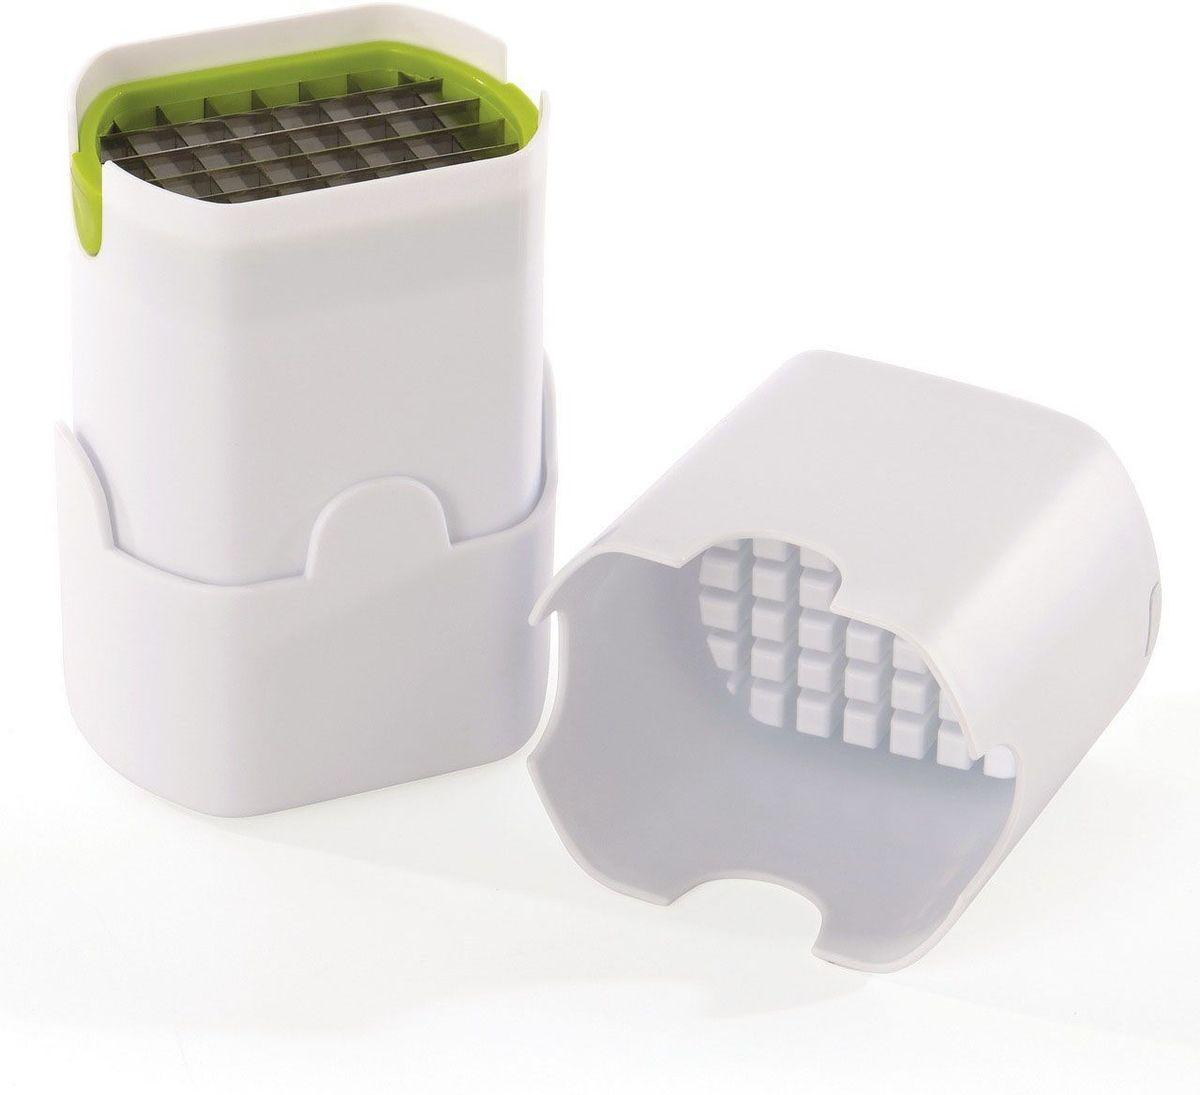 Нарезатель для картофеля фри BergHOFF Cook&Co2800106Нарезатель для картофеля фри BergHOFF Cook&Co - удивительный инструмент, который подходит для нарезки идеальных кусочков картофеля фри, каждый раз, простым нажатием. Также работает и с луком, огурцами, морковью. Корпус изделия выполнен из высококачественного ABS пластика, а лезвие из нержавеющей стали. Прочная конструкция, удобная в хранении. Такой нарезатель станет незаменимым помощником при приготовлении картофеля фри. Можно мыть в посудомоечной машине.